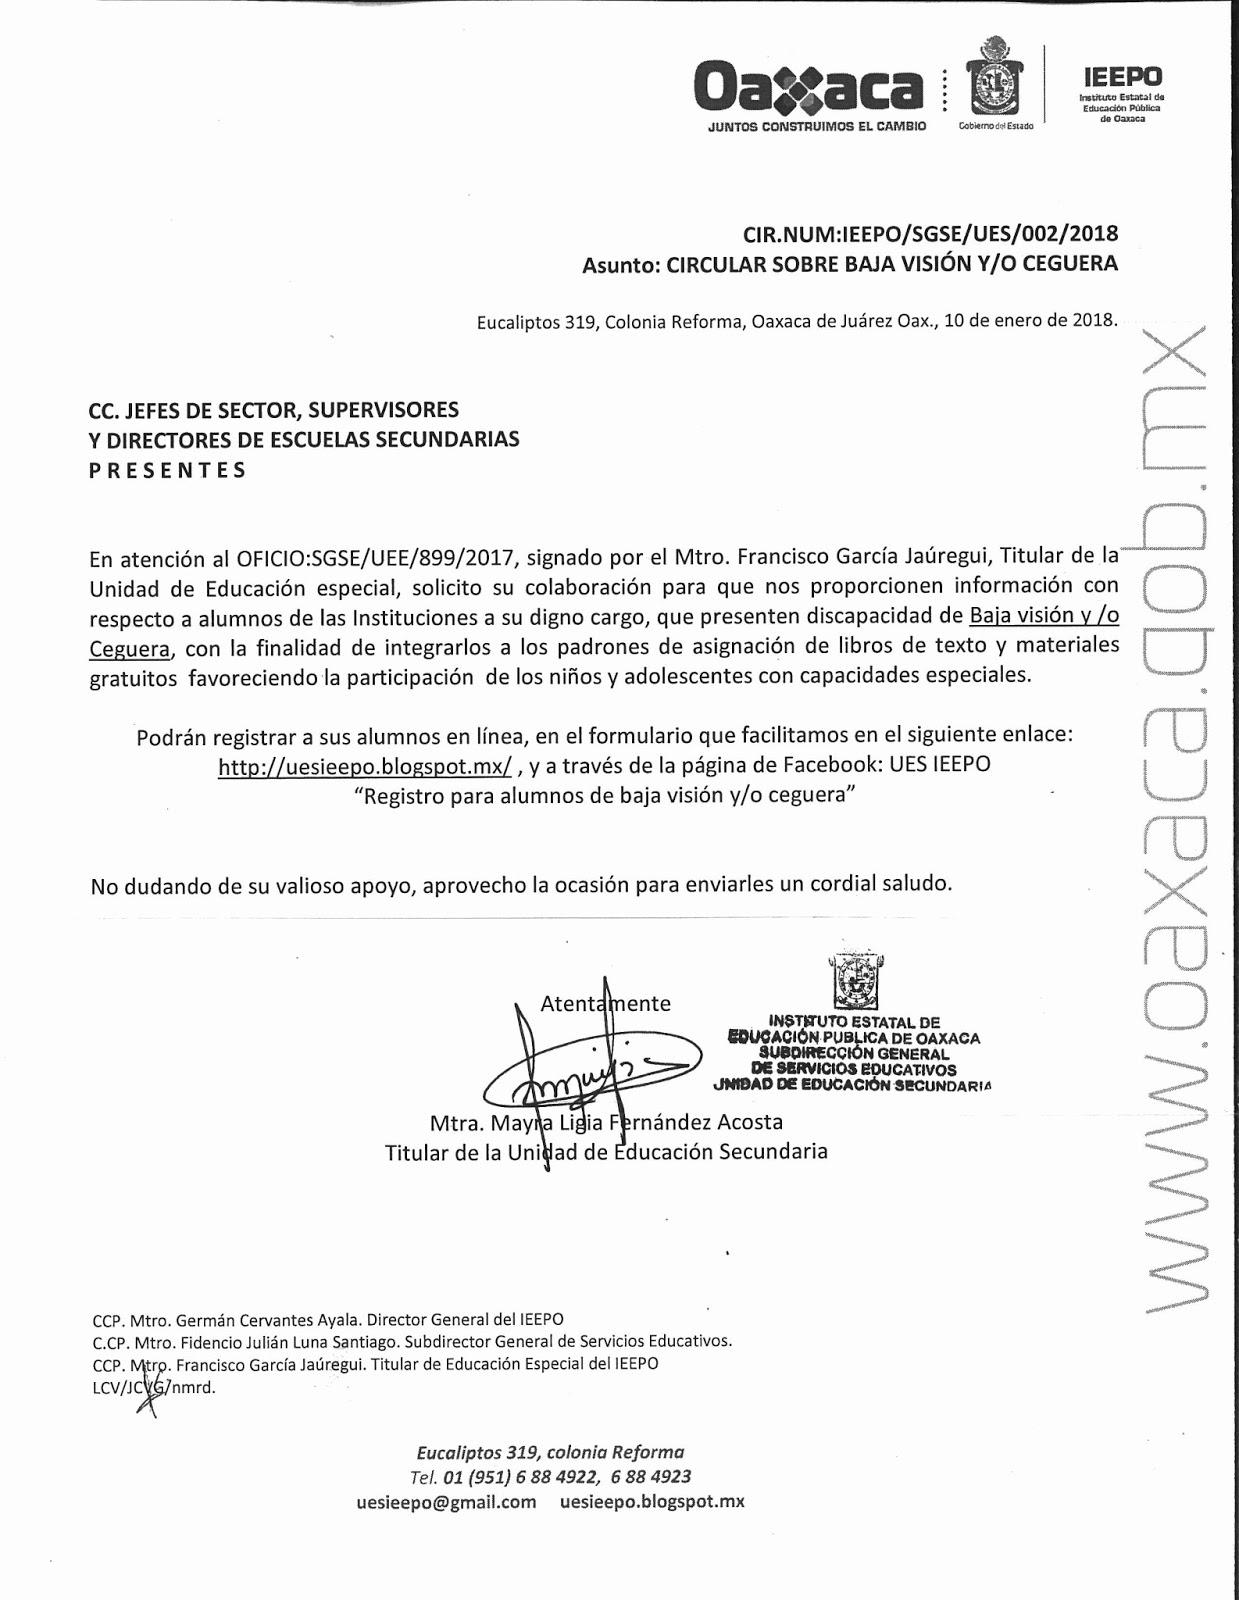 Unidad de Educación Secundaria - IEEPO: REGISTRO DE ALUMNOS CON BAJA ...